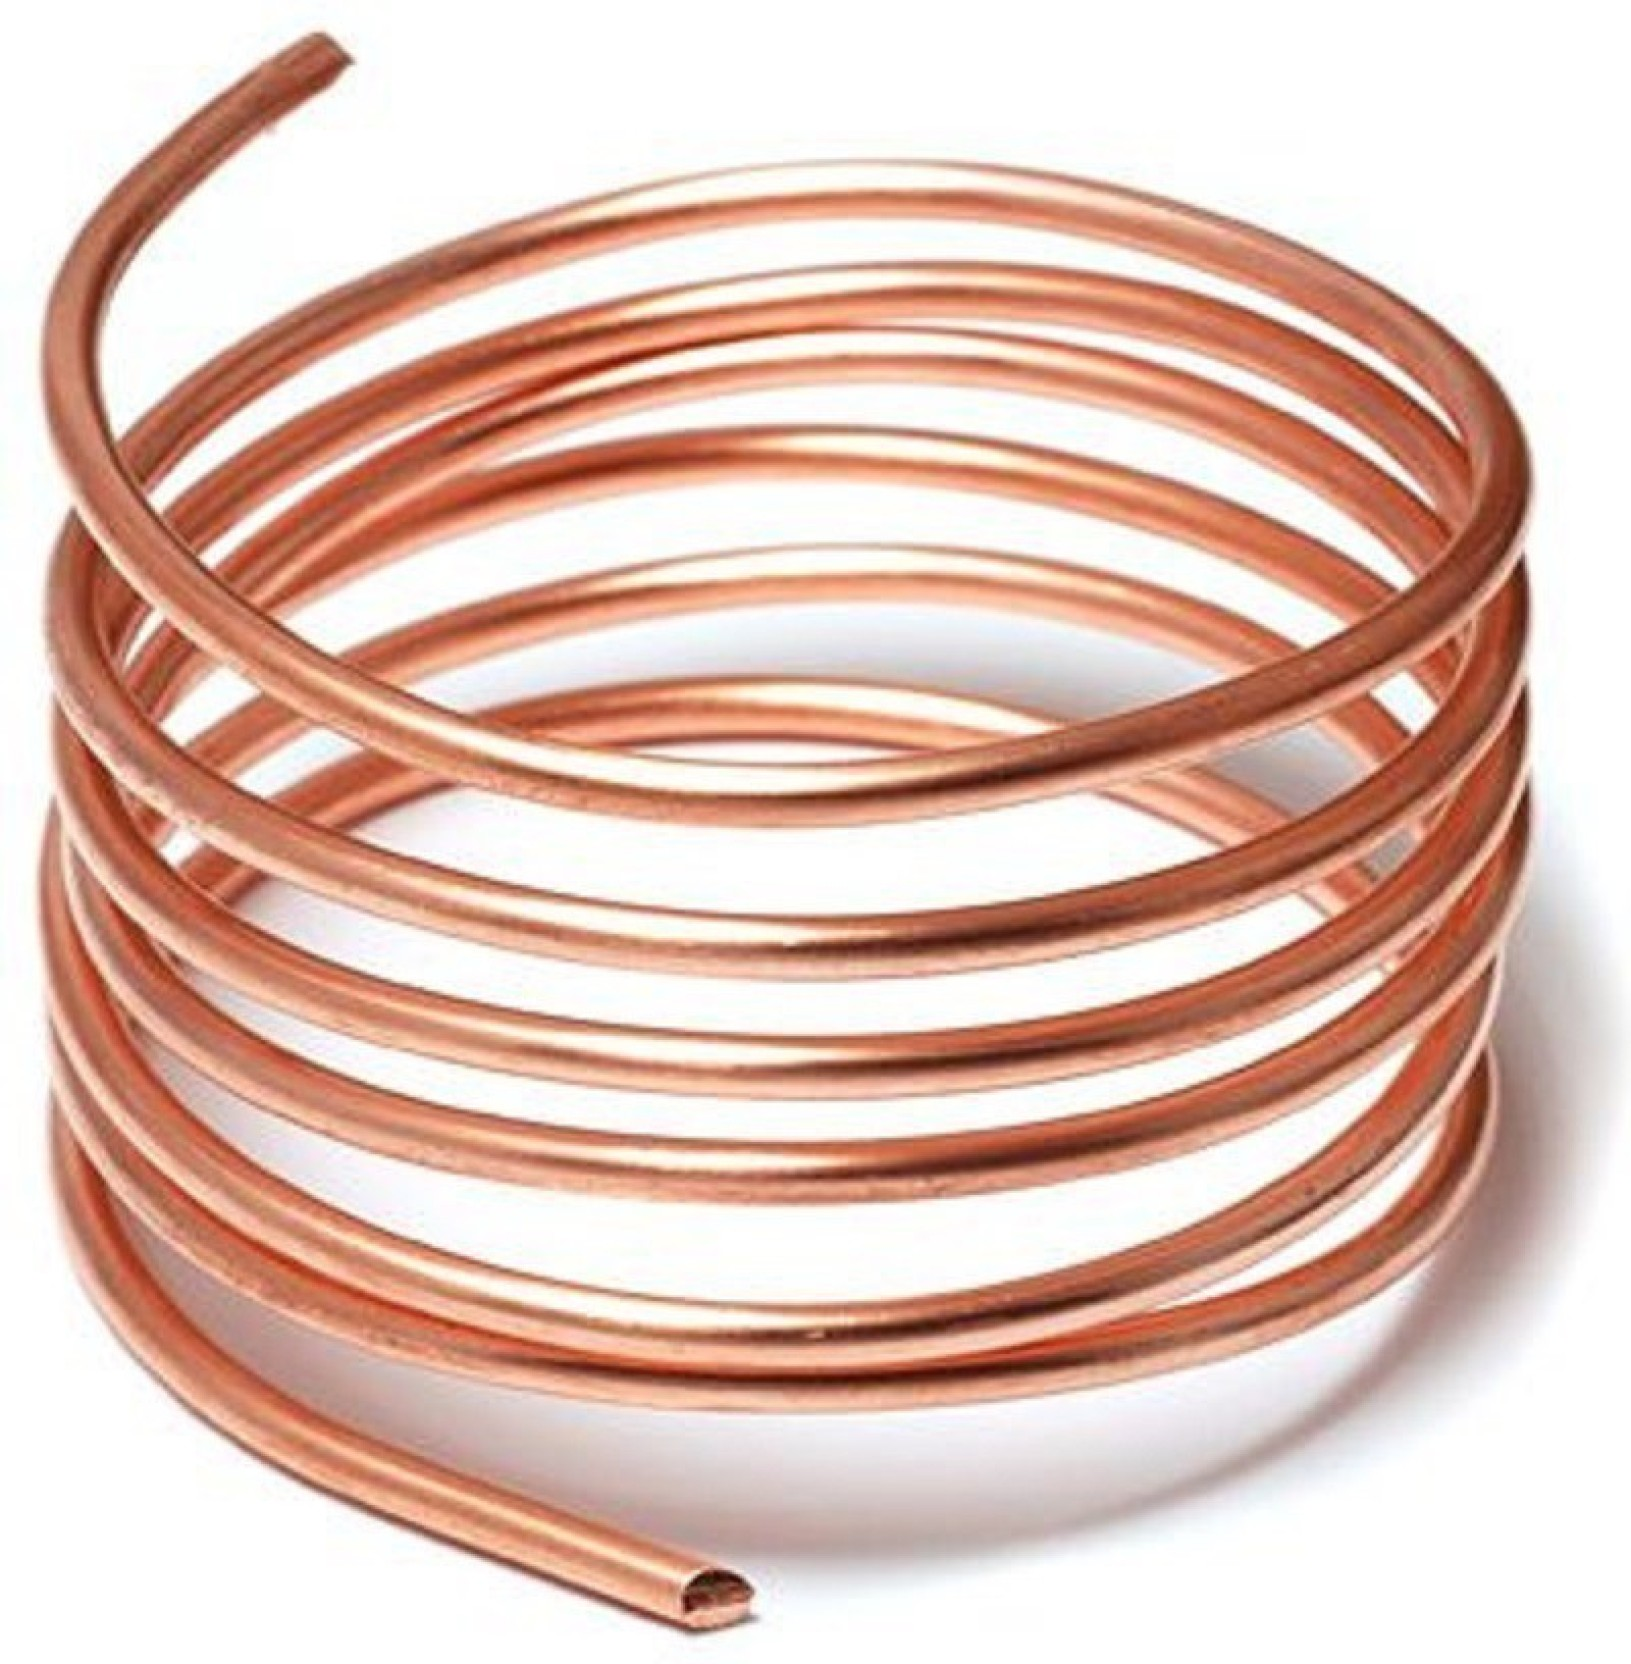 Art Ifact 8 Gauge - 1 Meter of Copper Wire (4.064 mm Diameter ...